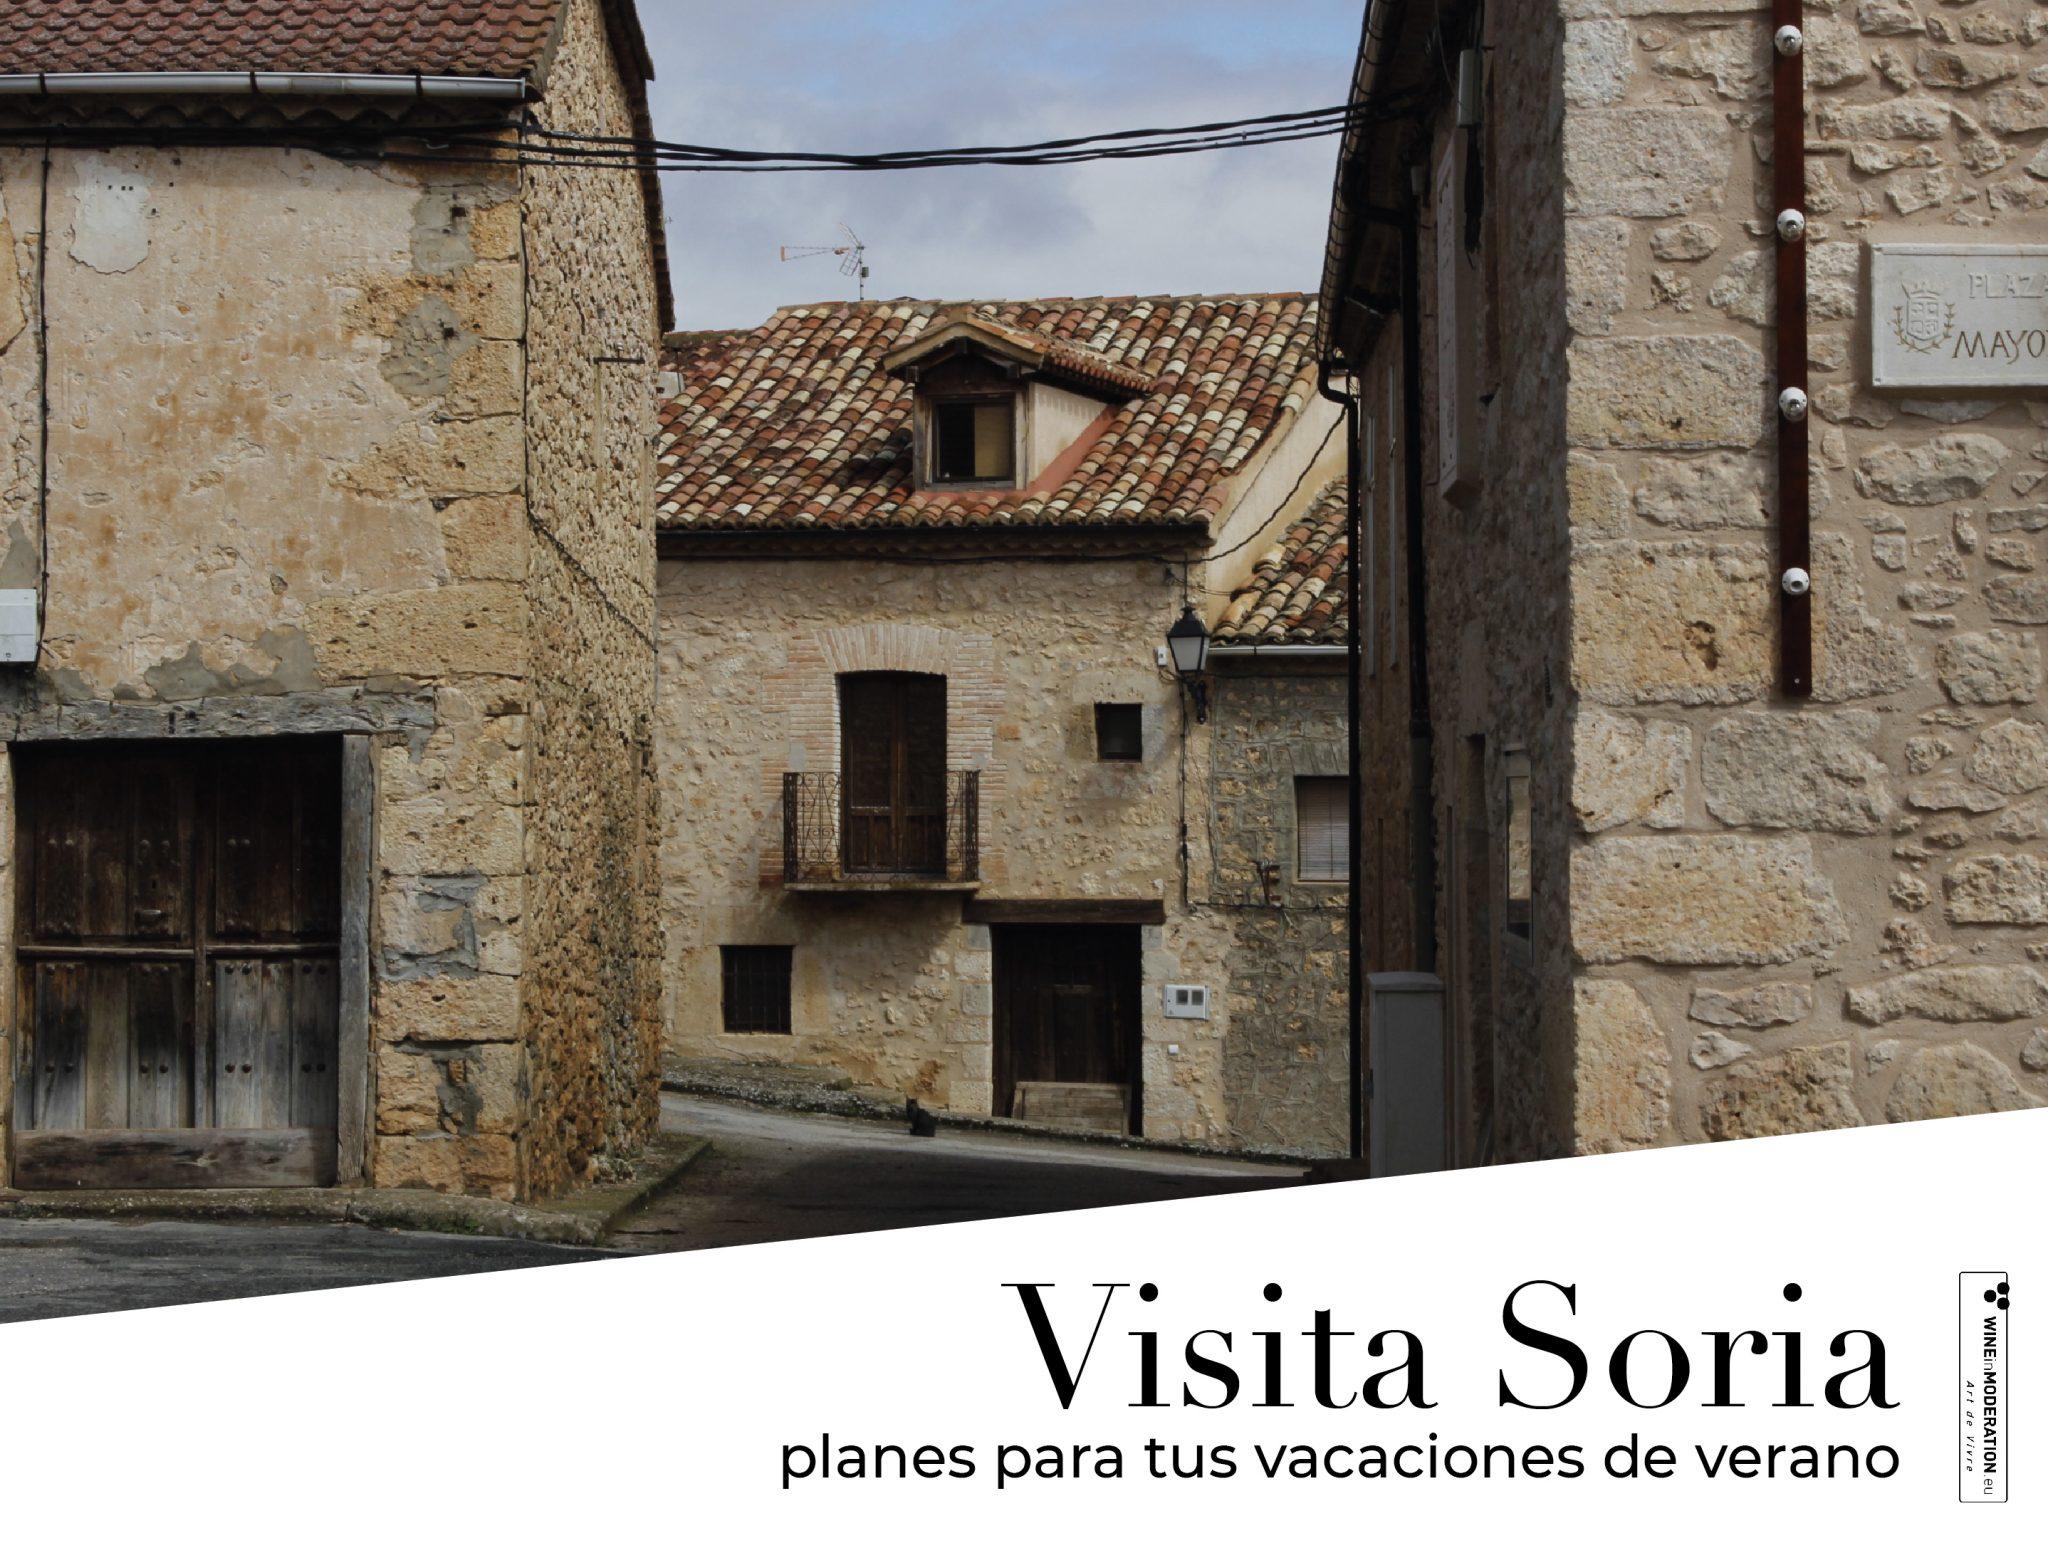 ¿Planeando tus vacaciones? Visita Soria